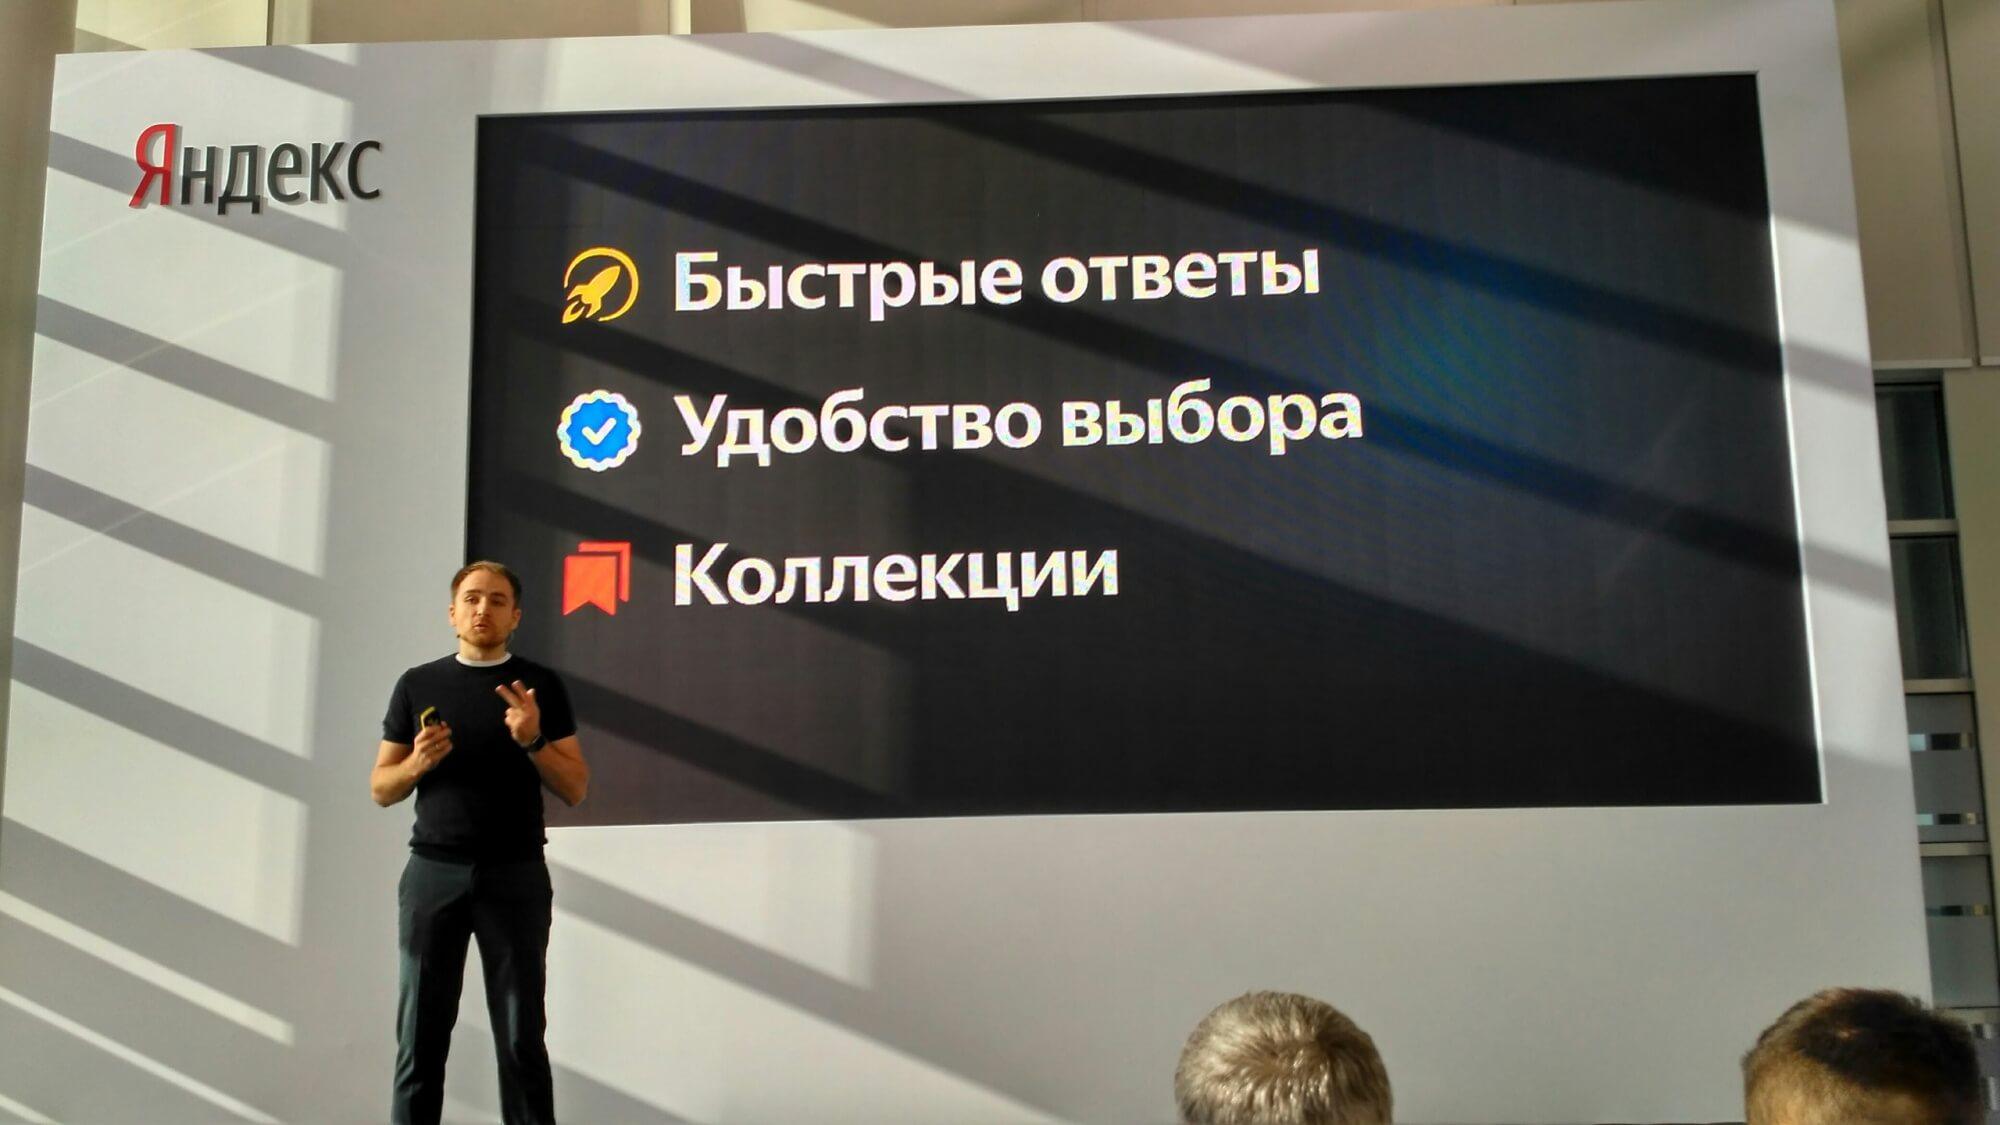 Яндекс запустил крупное обновление для поиска «Андромеда»